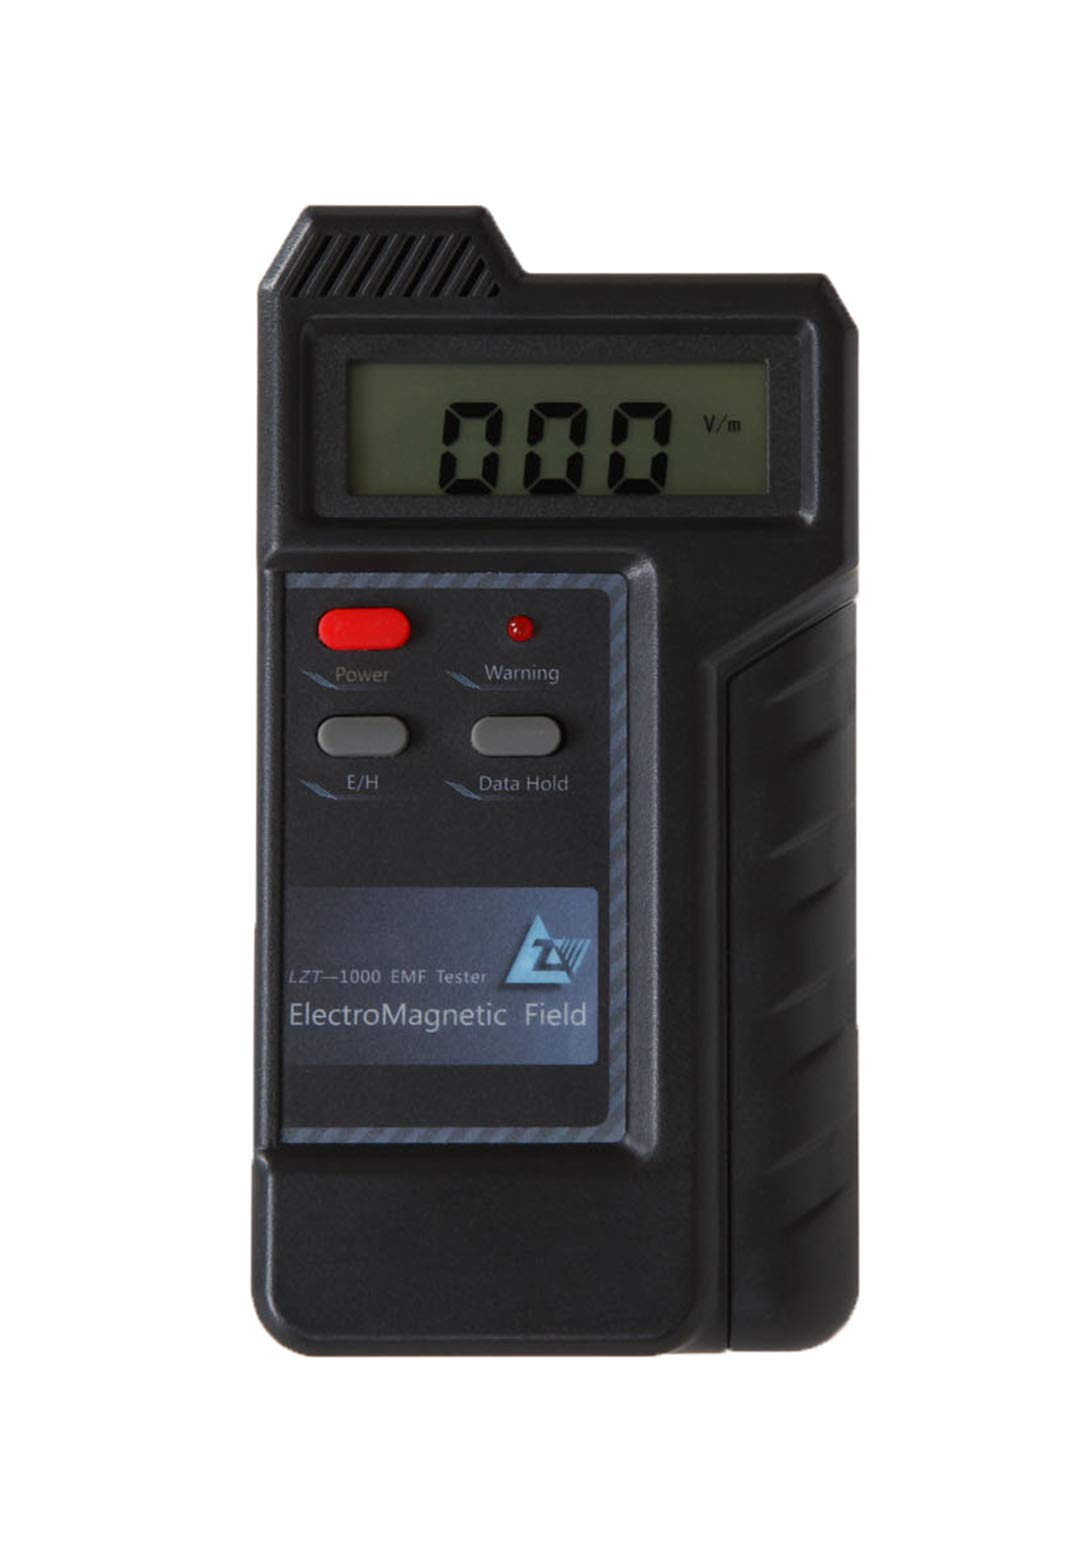 Electromagnetic Radiation Detector LZT-1000 Meter Tester Sensor Indicator Dosimeter for Home Use